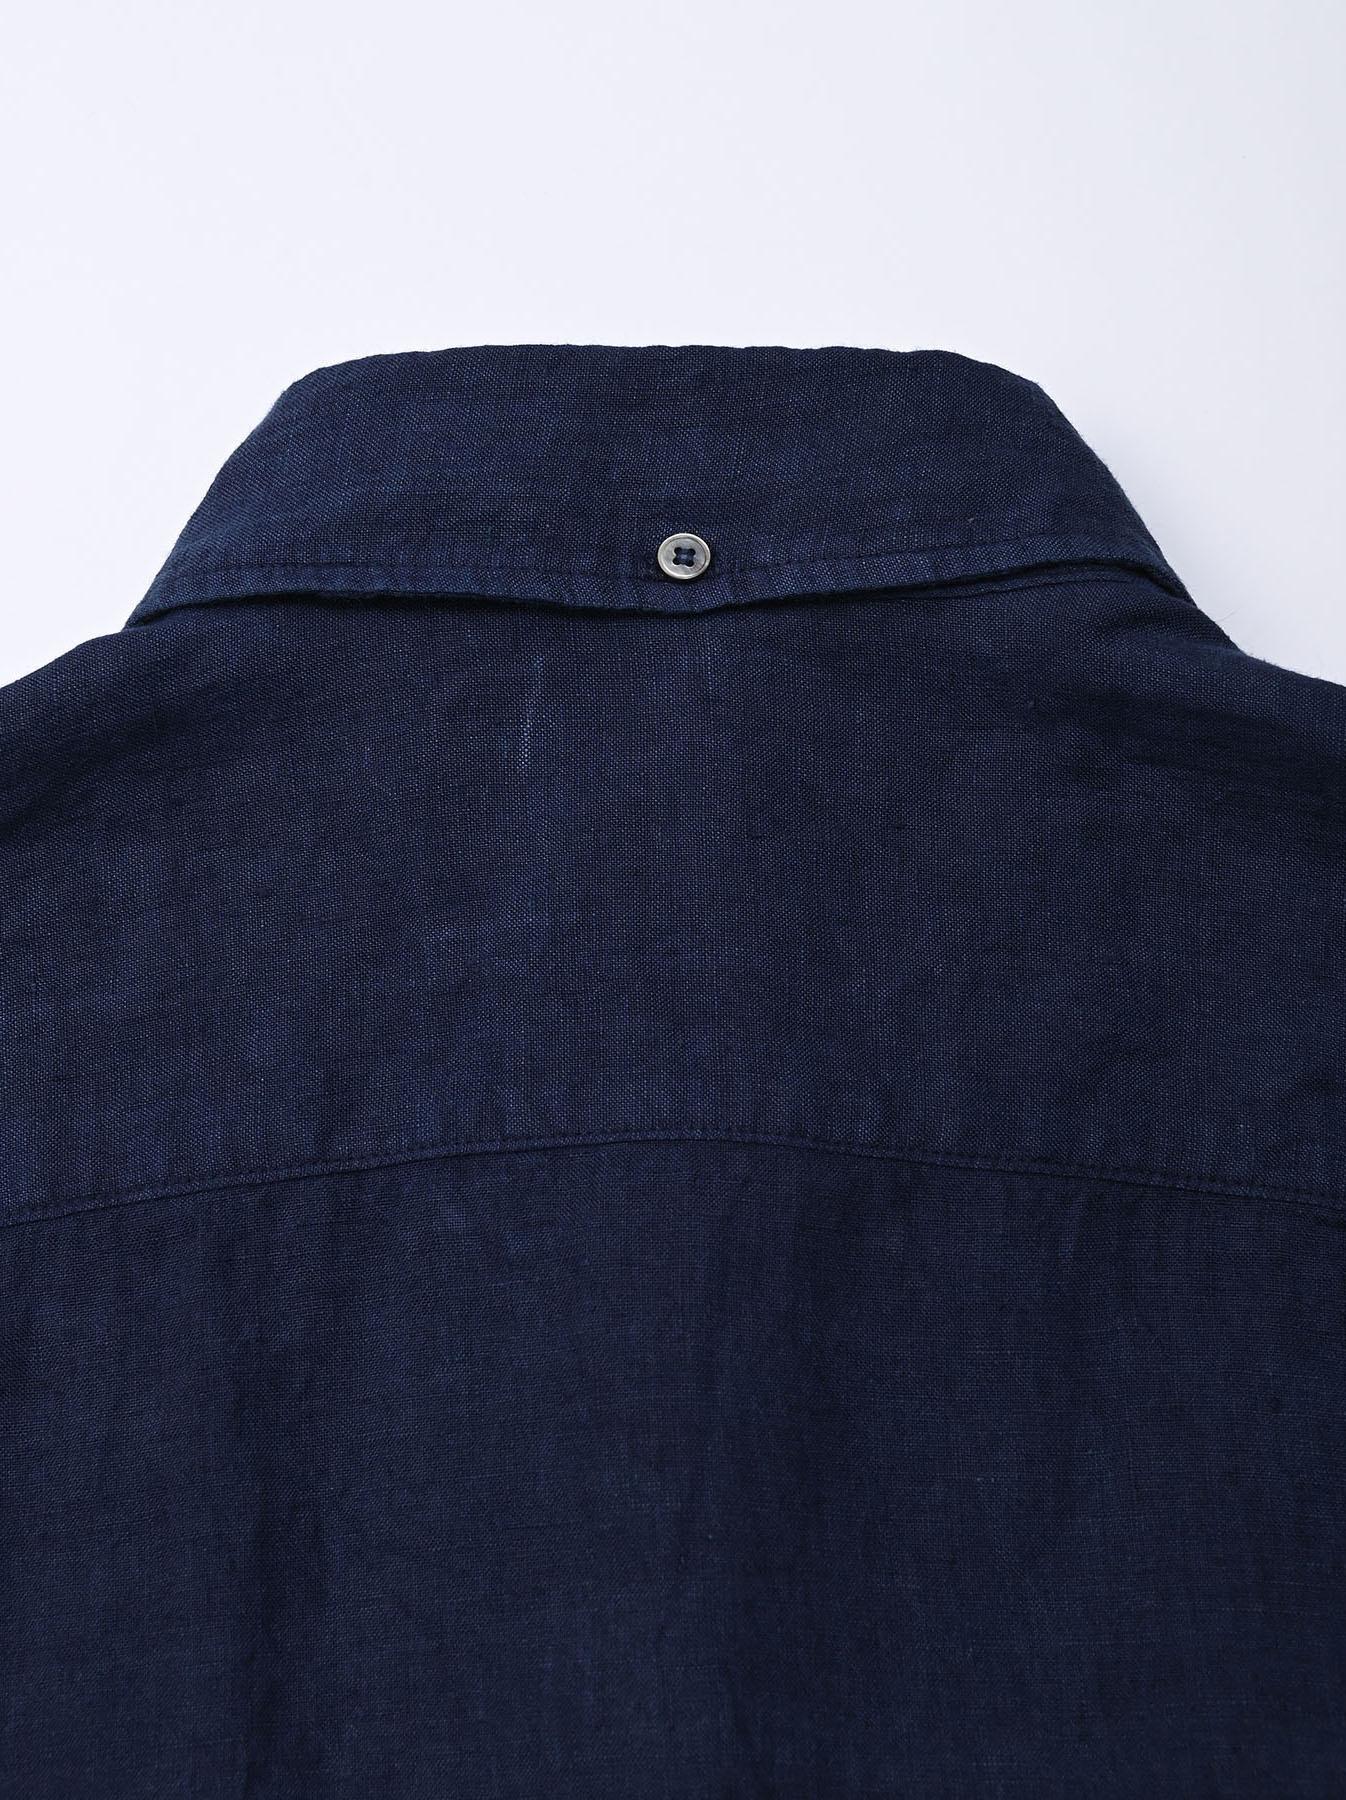 Indigo Indian Linen Flat 908 Ocean Shirt (0521)-11